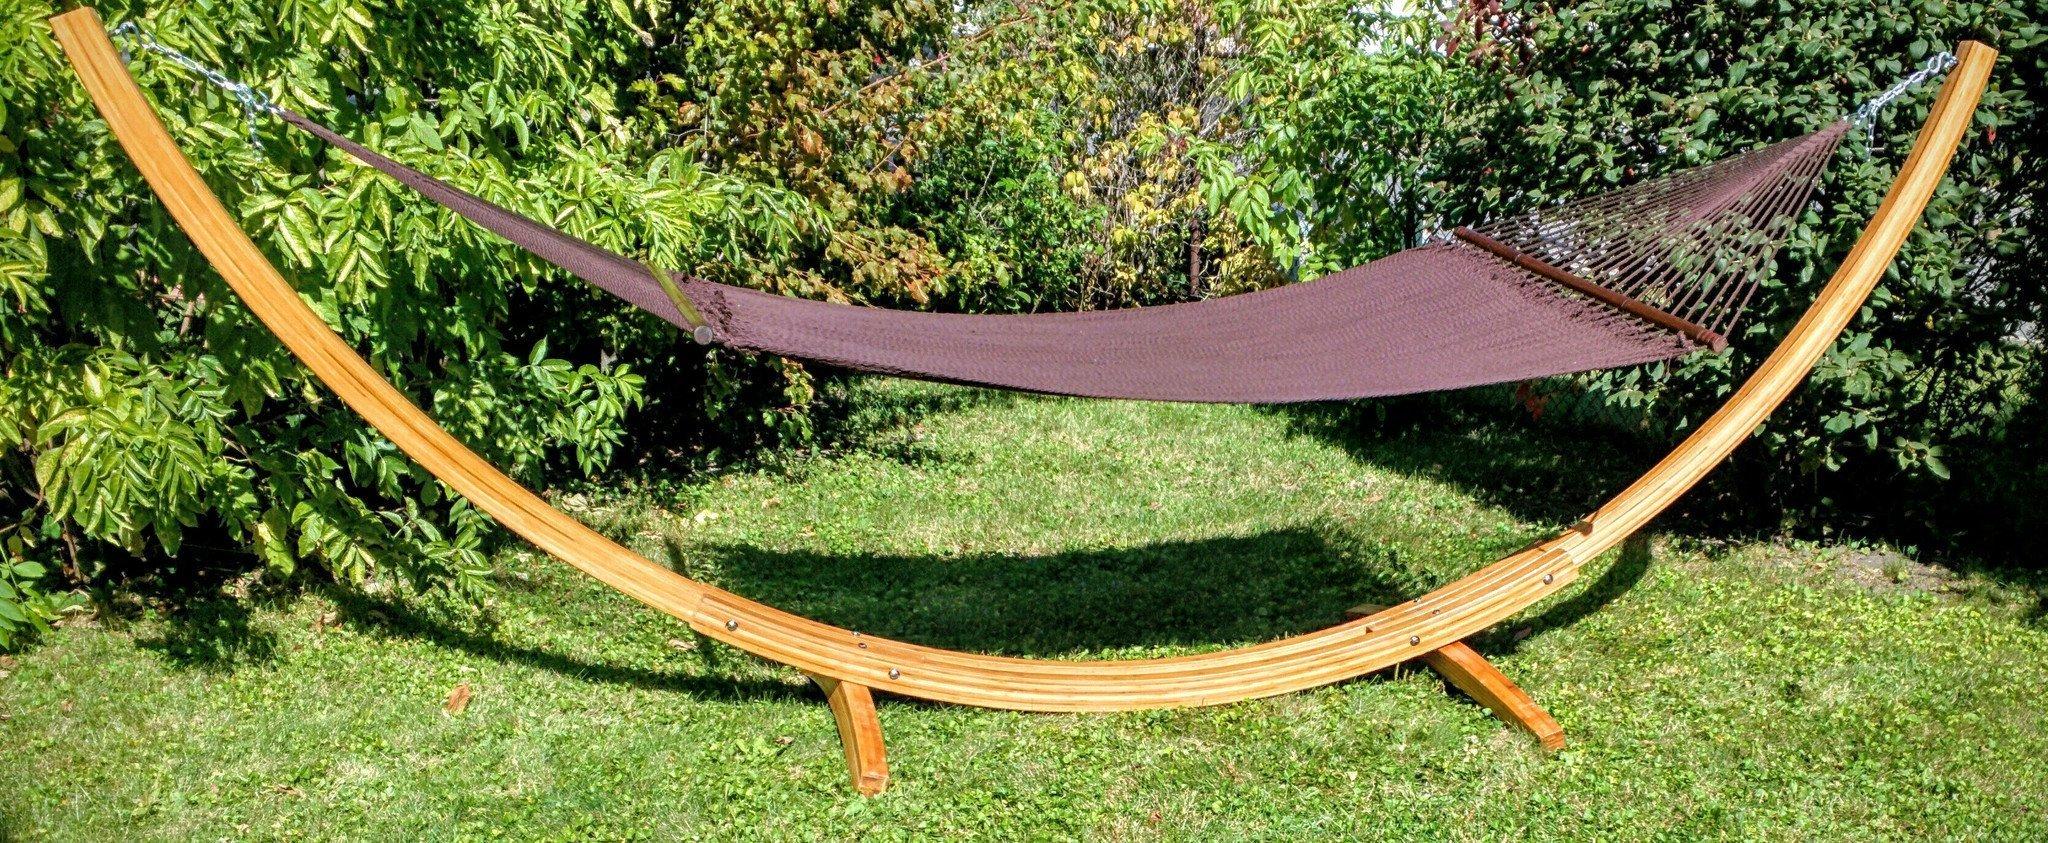 support pour hamac en bambou avec hamac de luxe en cordes de polyester chocolat